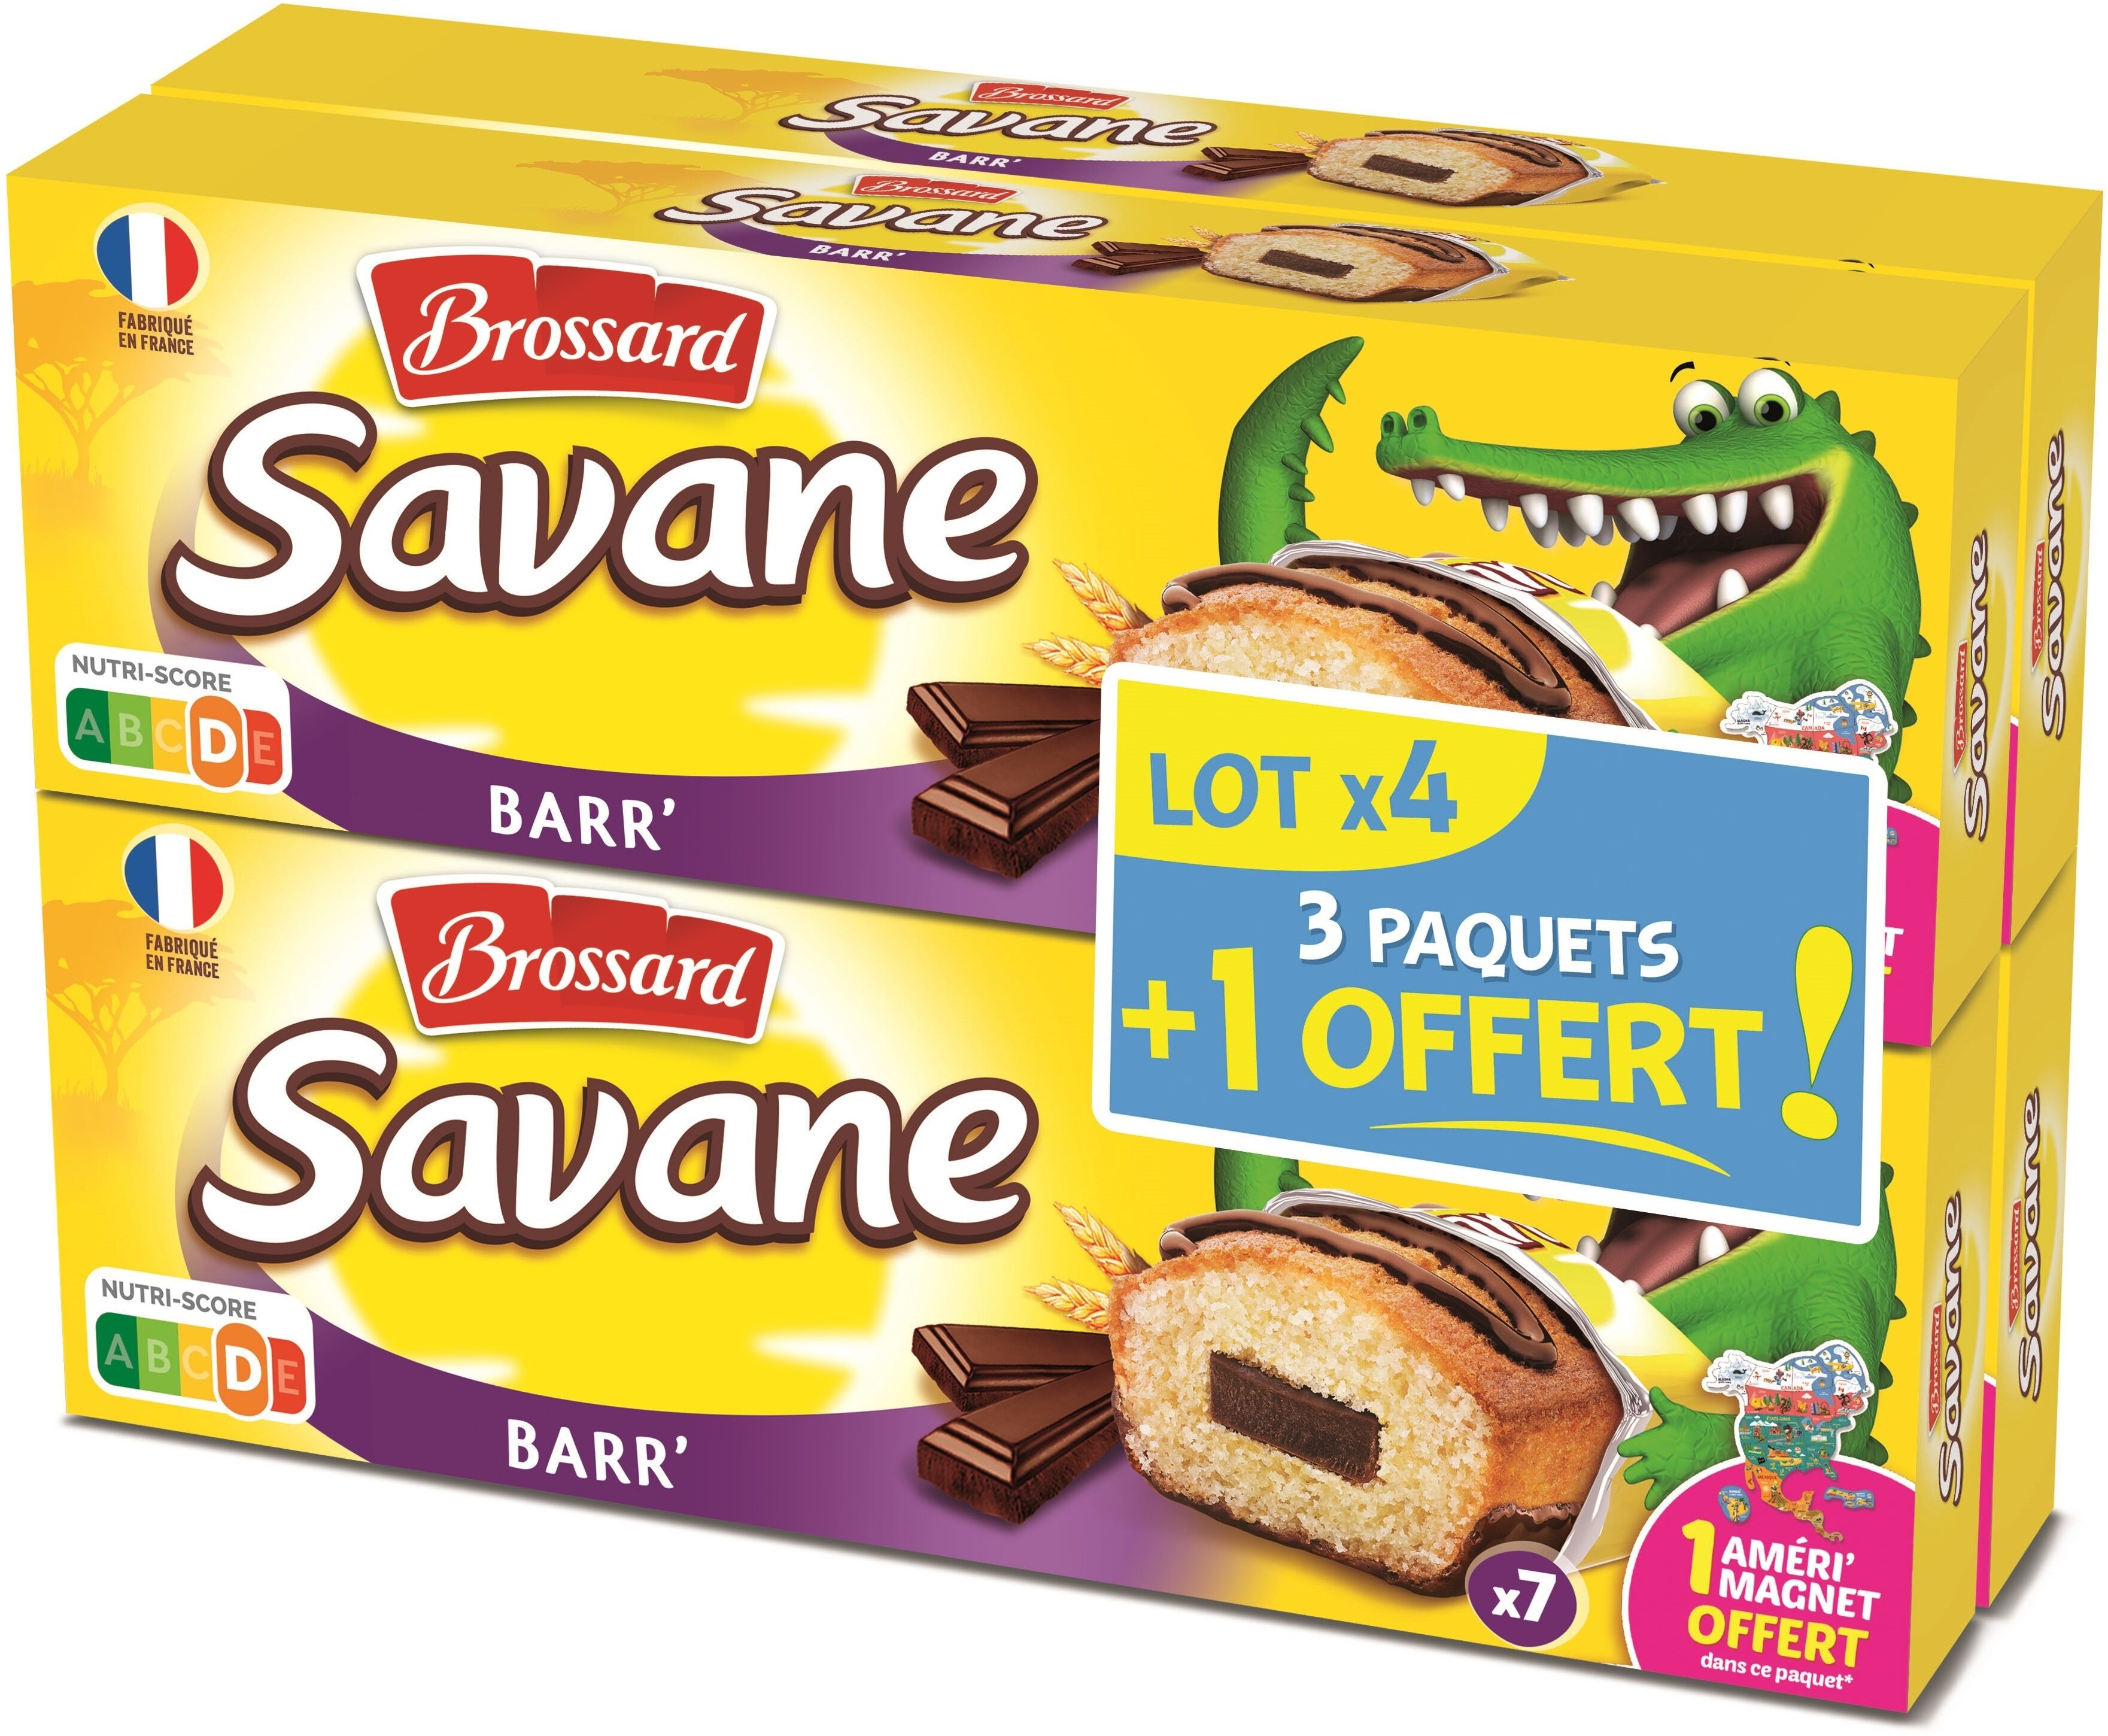 Brossard - lot de 3 savane pocket x 7 barr' chocolat + 1 paquet offert - 756gr - Product - fr